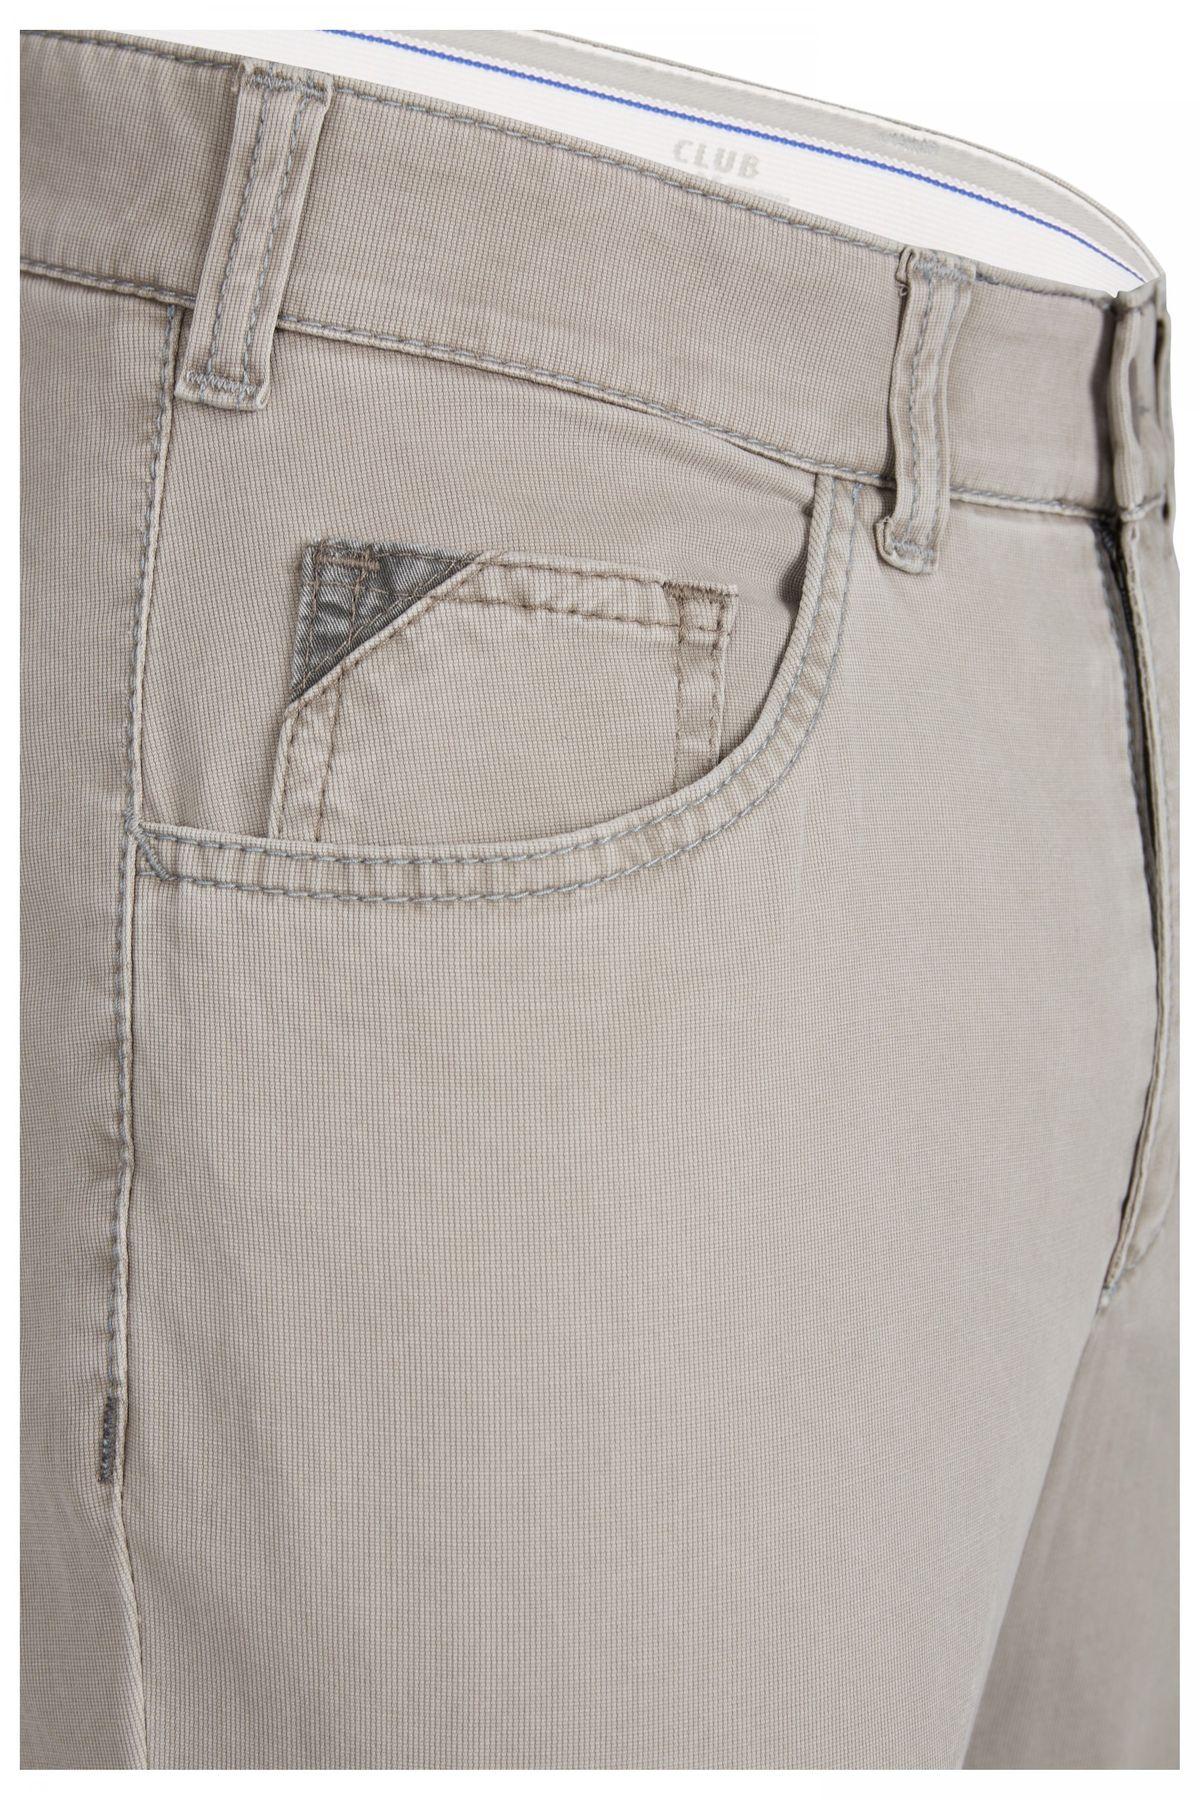 Bundle - Club of Comfort - Herren Swing Pocket Jeans, Regular Leg, in 3 Farben, Keno (6527) – Bild 5